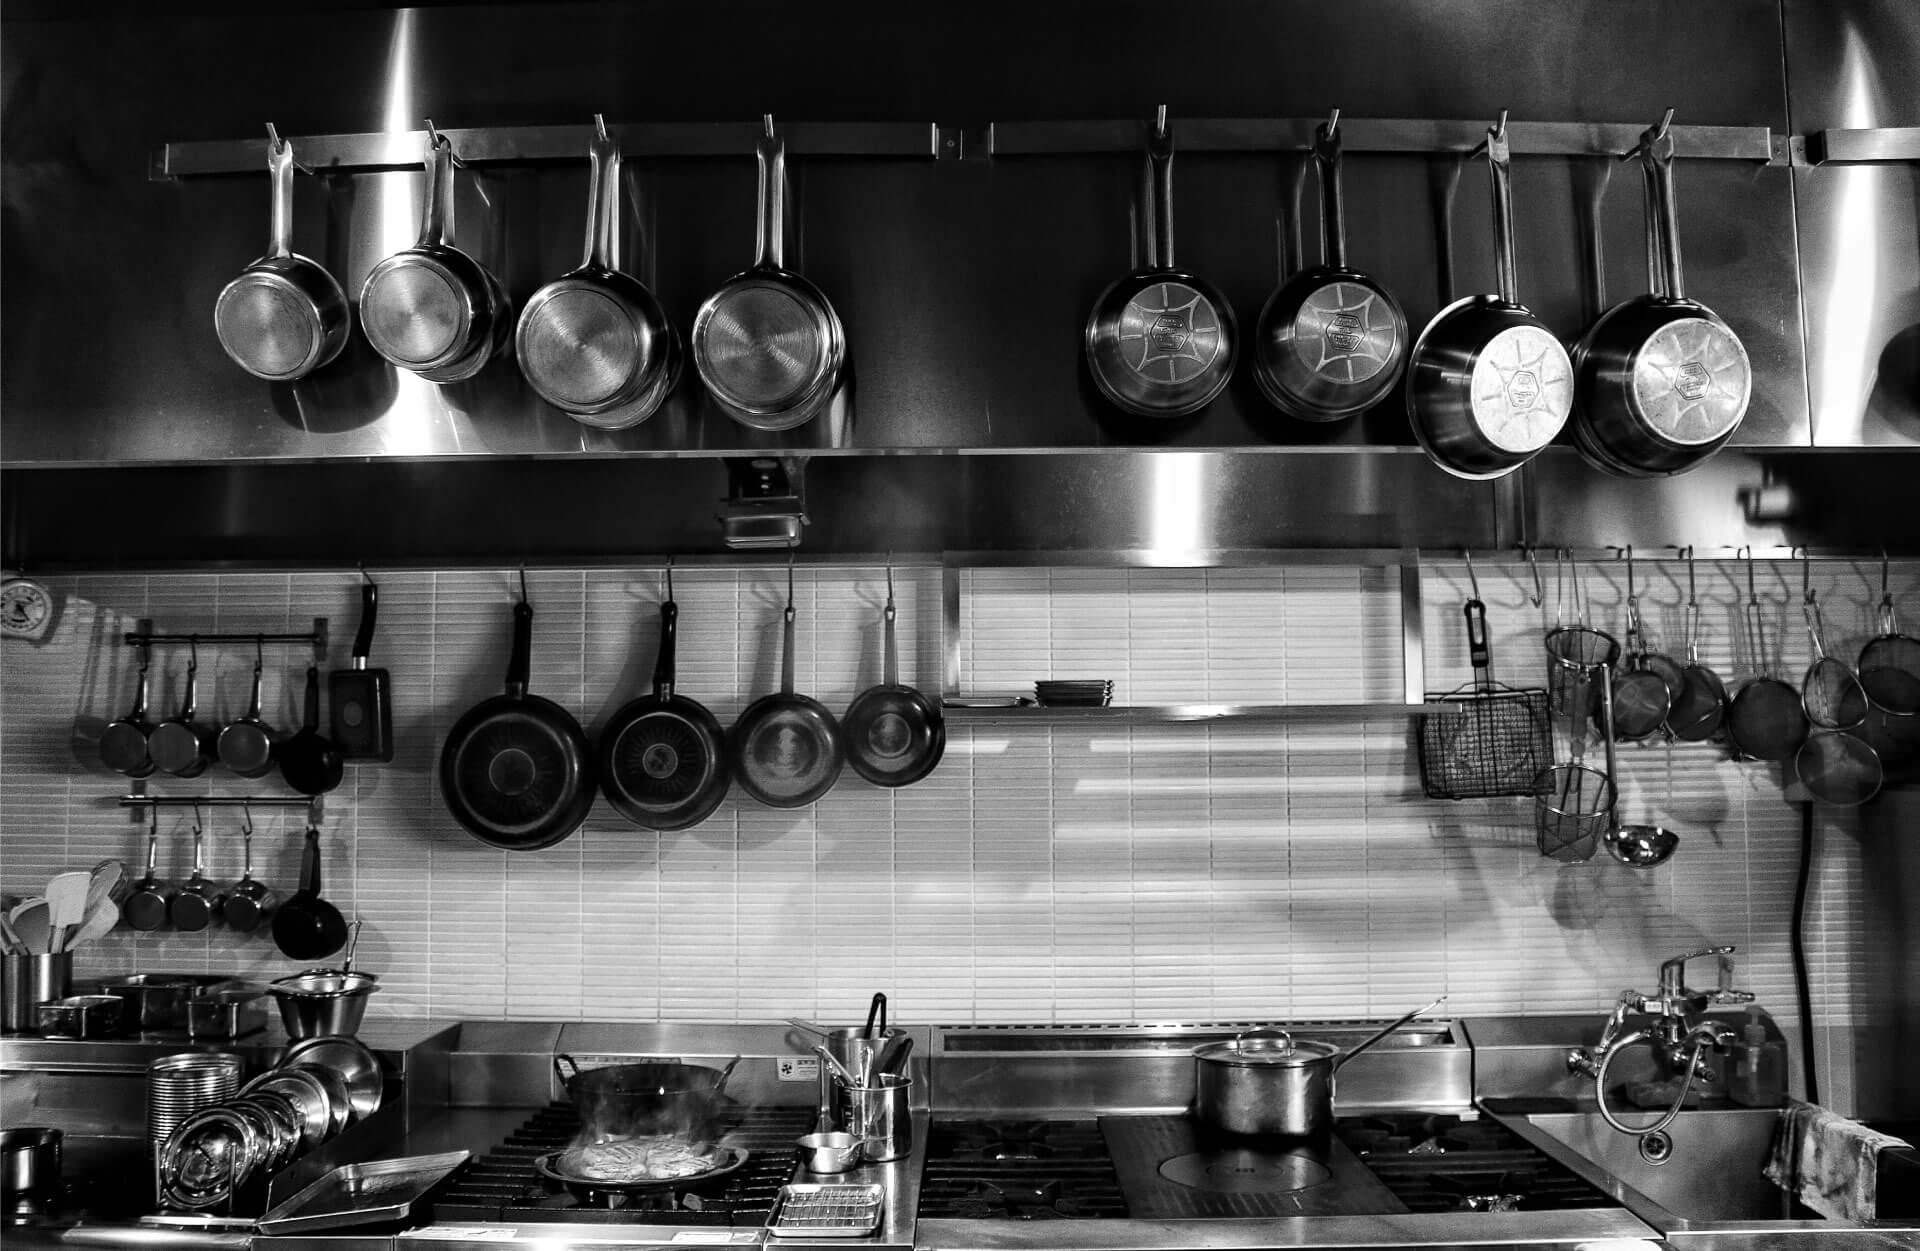 中古 業務用 厨房機器 埼玉 販売 買取 厨房市場